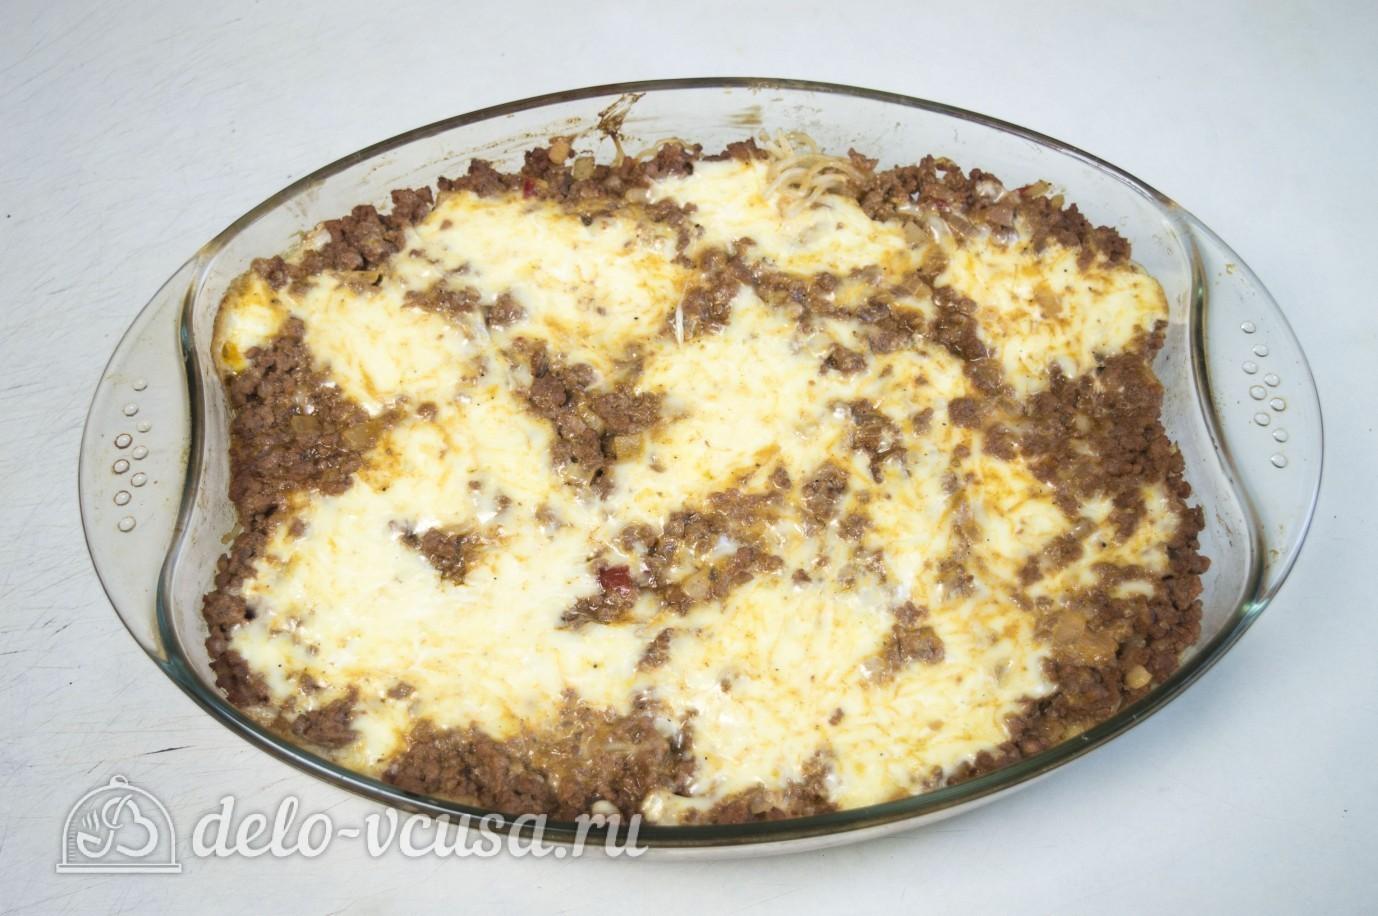 Запеканка с макаронами и яйцами в духовке рецепт пошагово